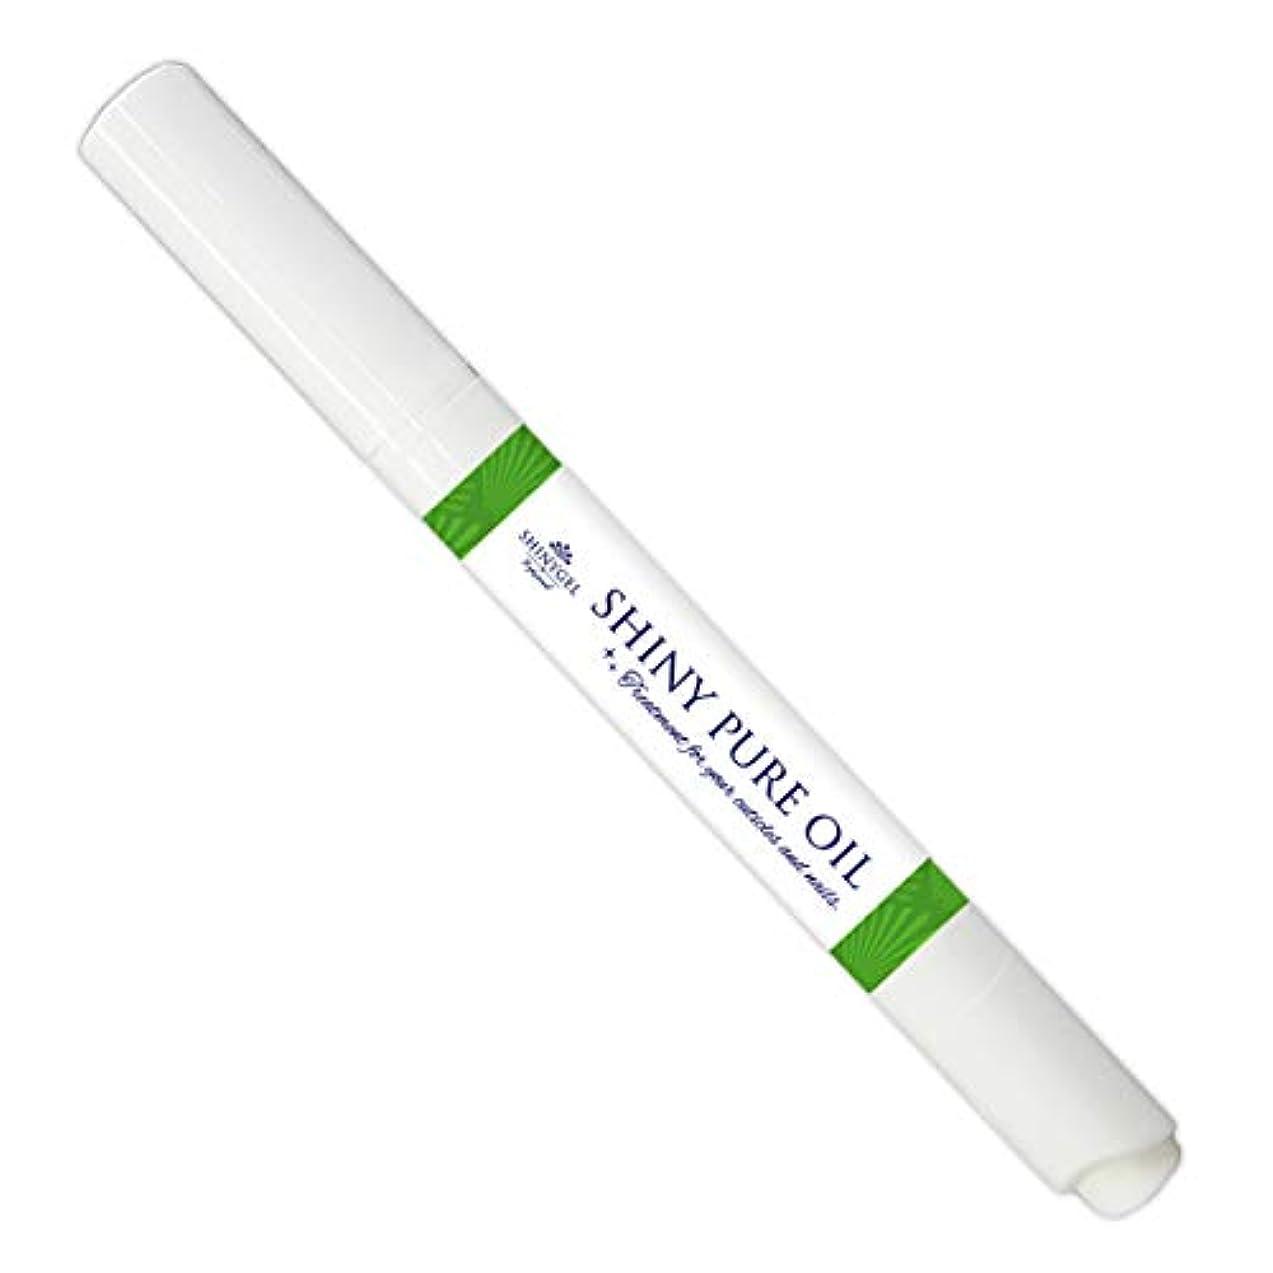 ルーチン適用済みリフトSHINY GEL シャイニーピュアオイル ペンタイプ 2.5ml キューティクルオイル